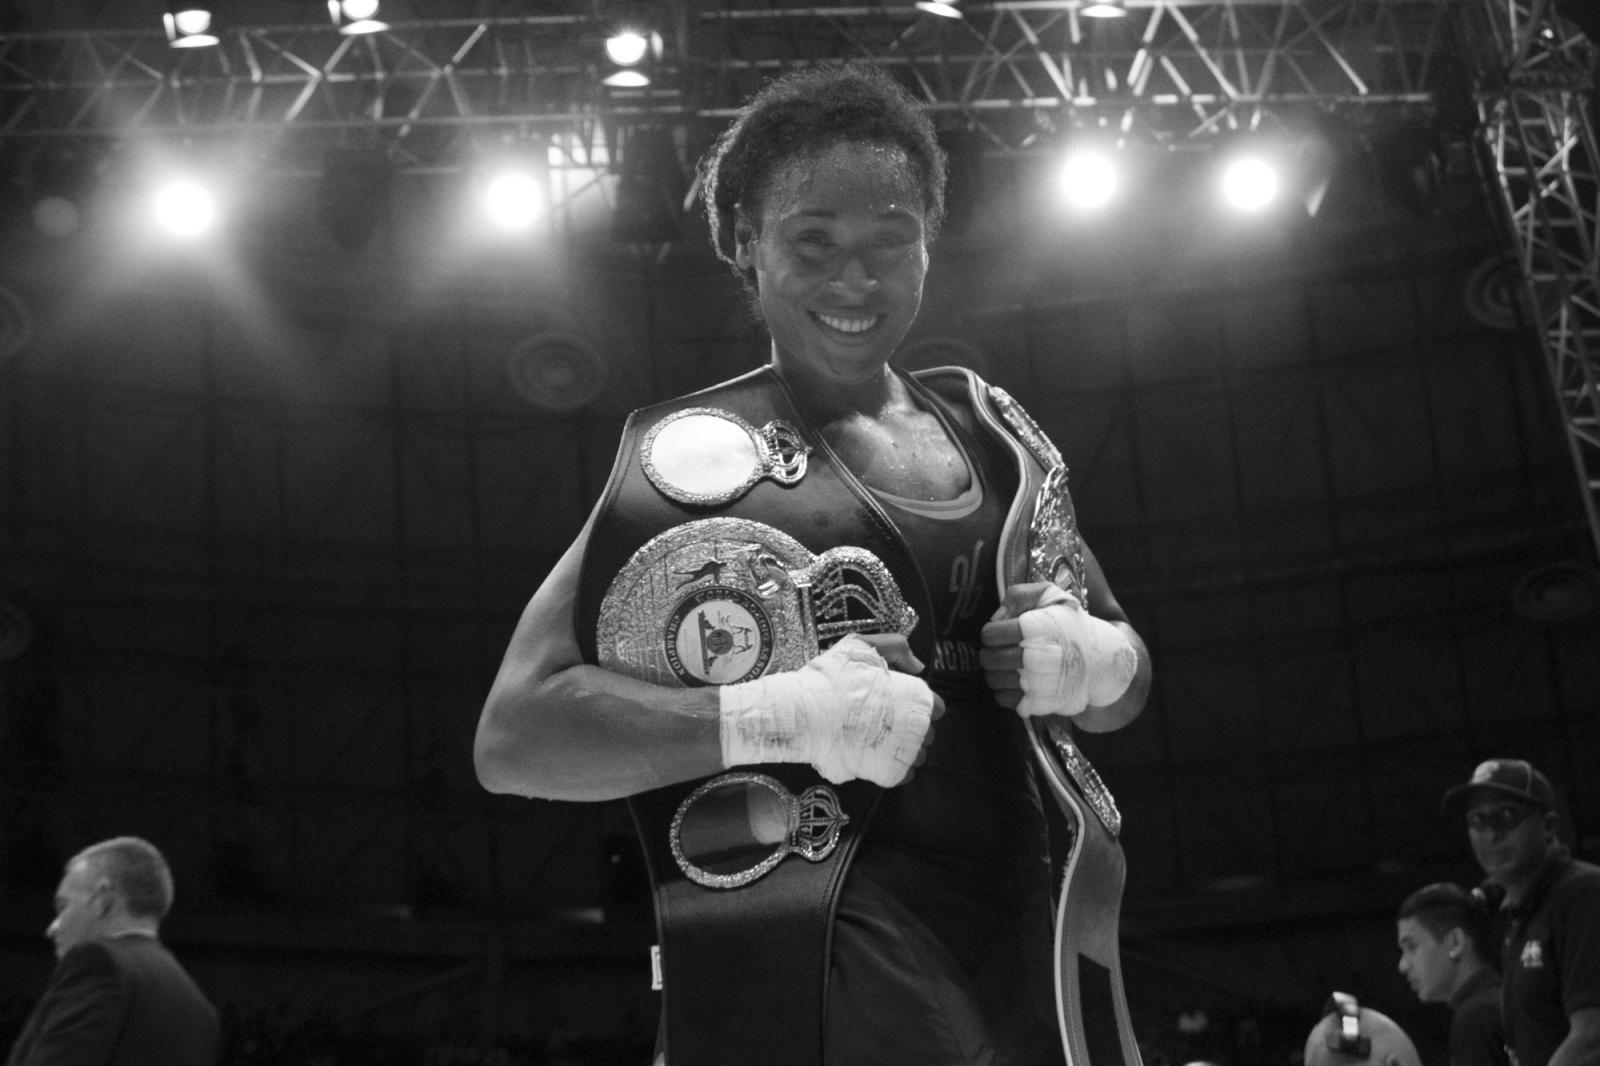 Hanna Gabriel luego de ganar la pelea por nocaut al derribar Katia Alvariño durante La Batalla de campeonas. 18.06.2016, Maiquetía, Venezuela.